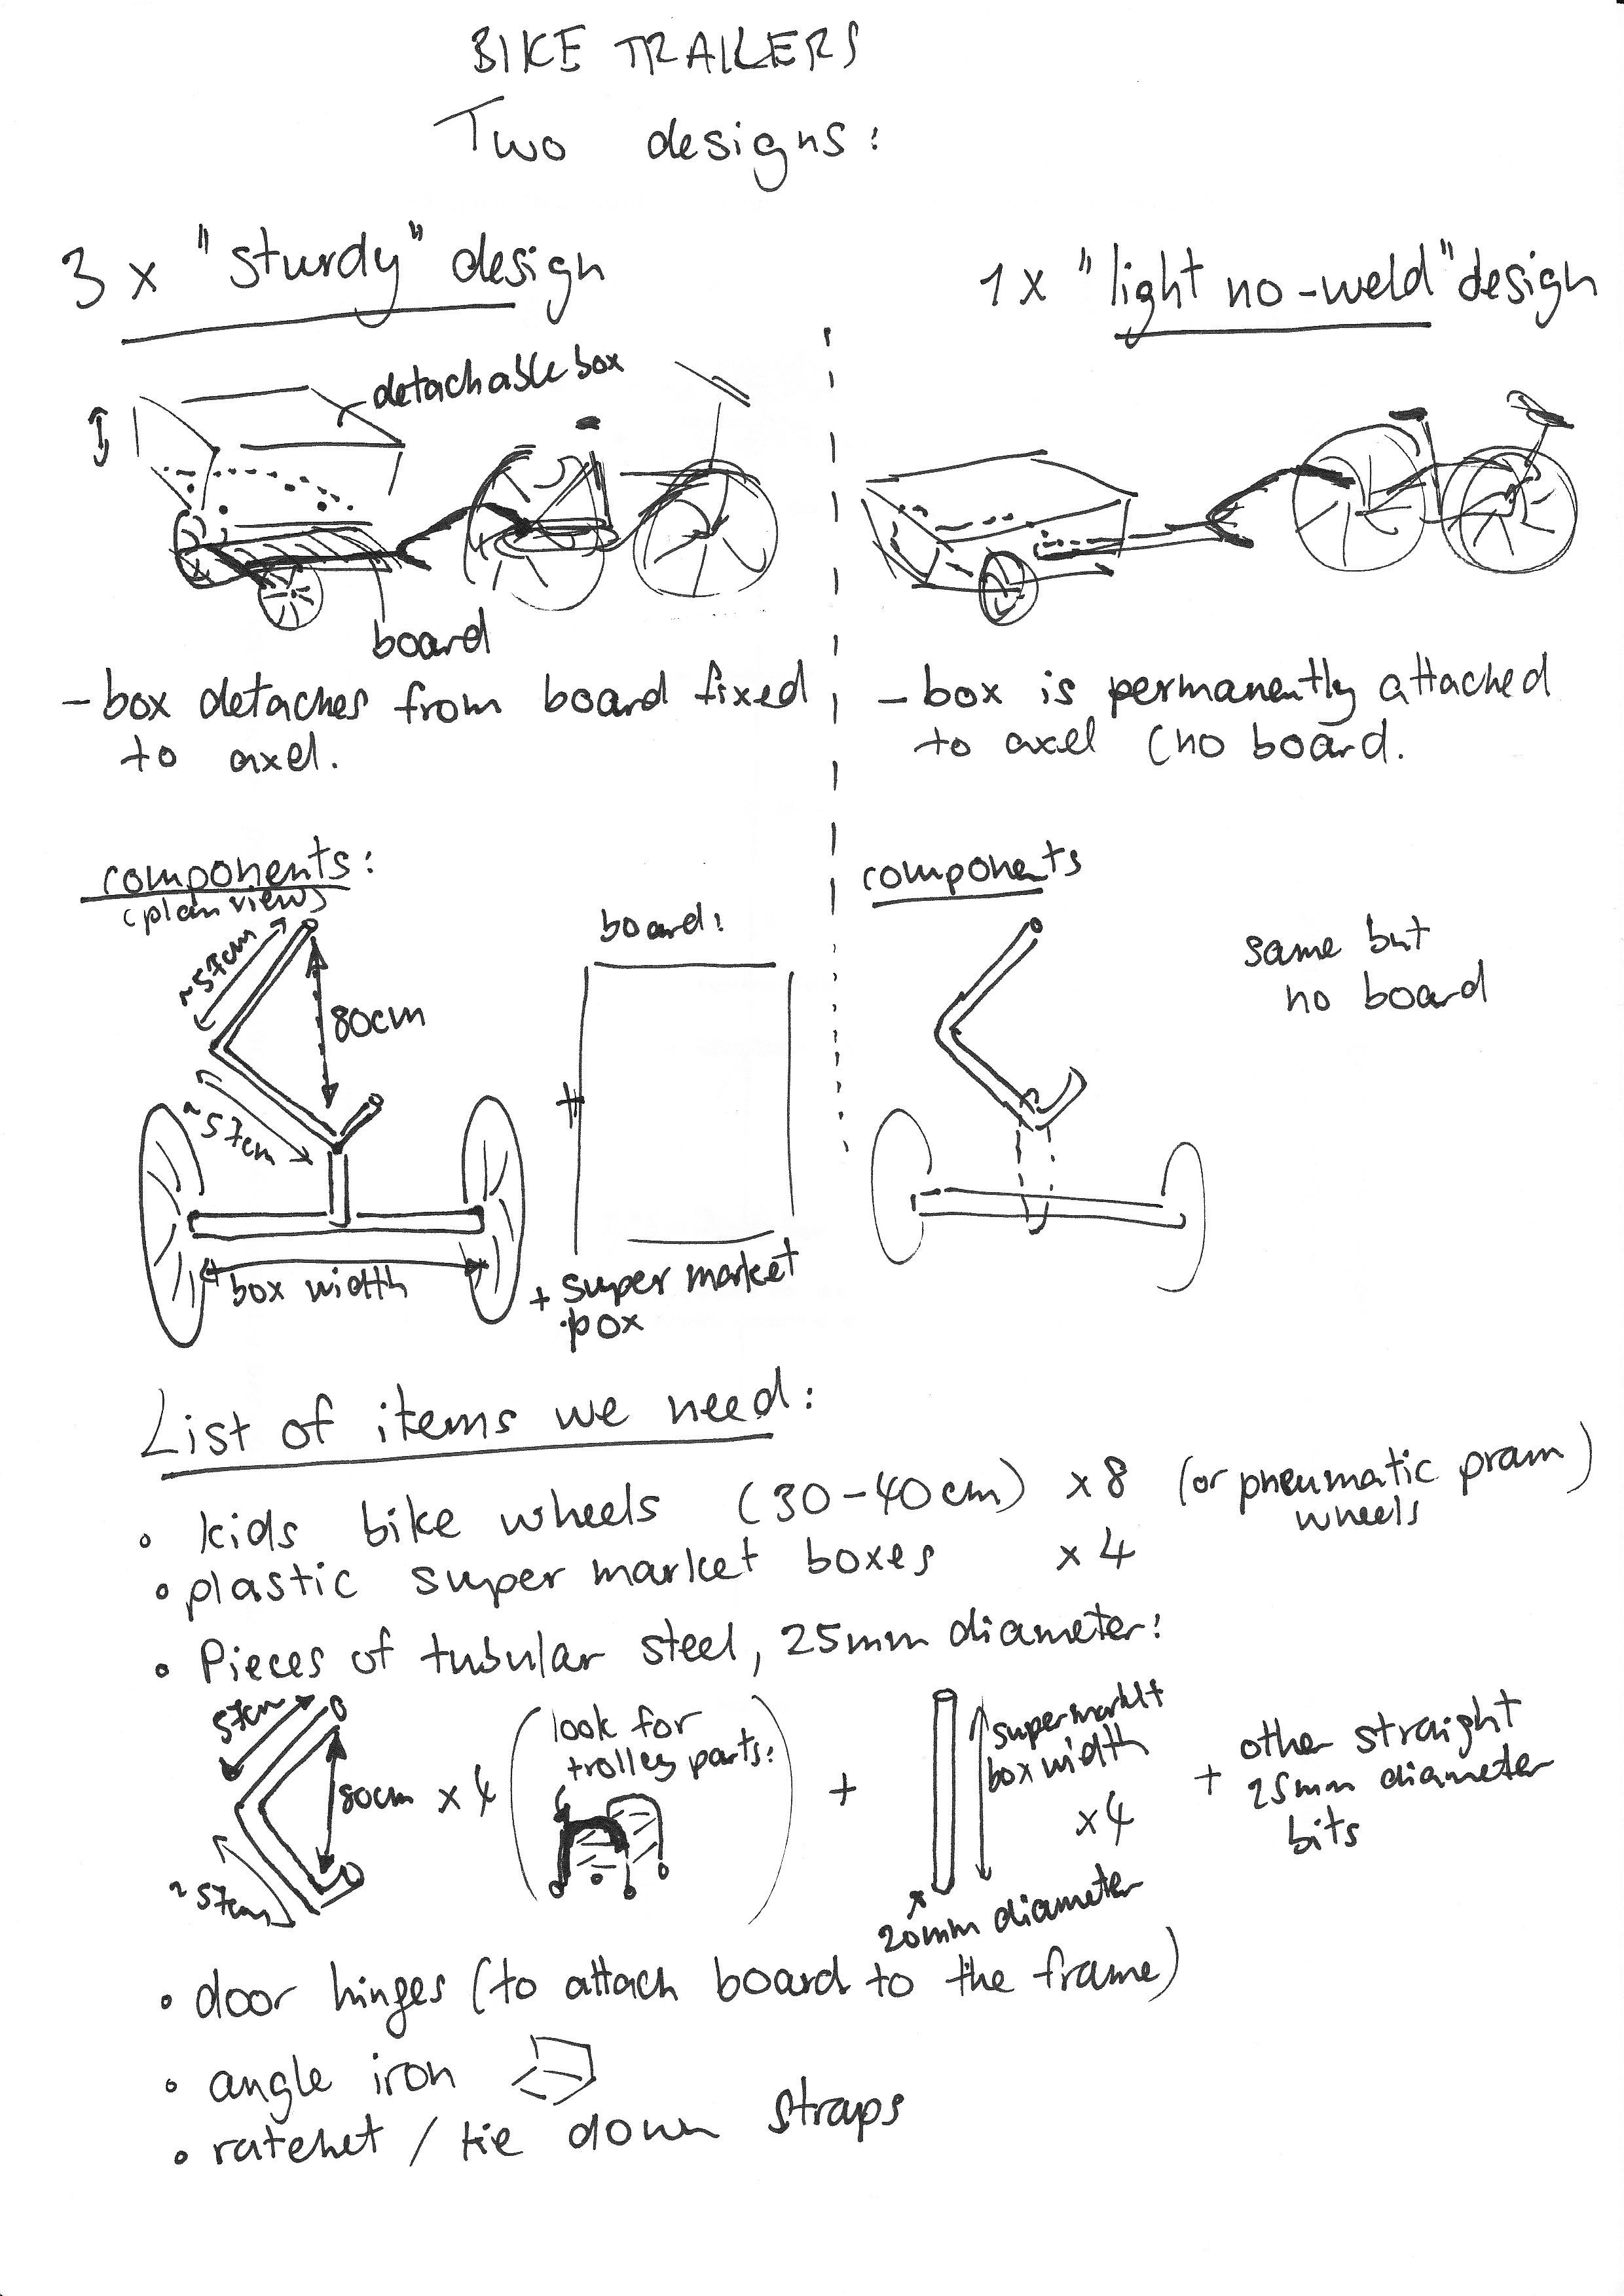 bike-trailer-plans2